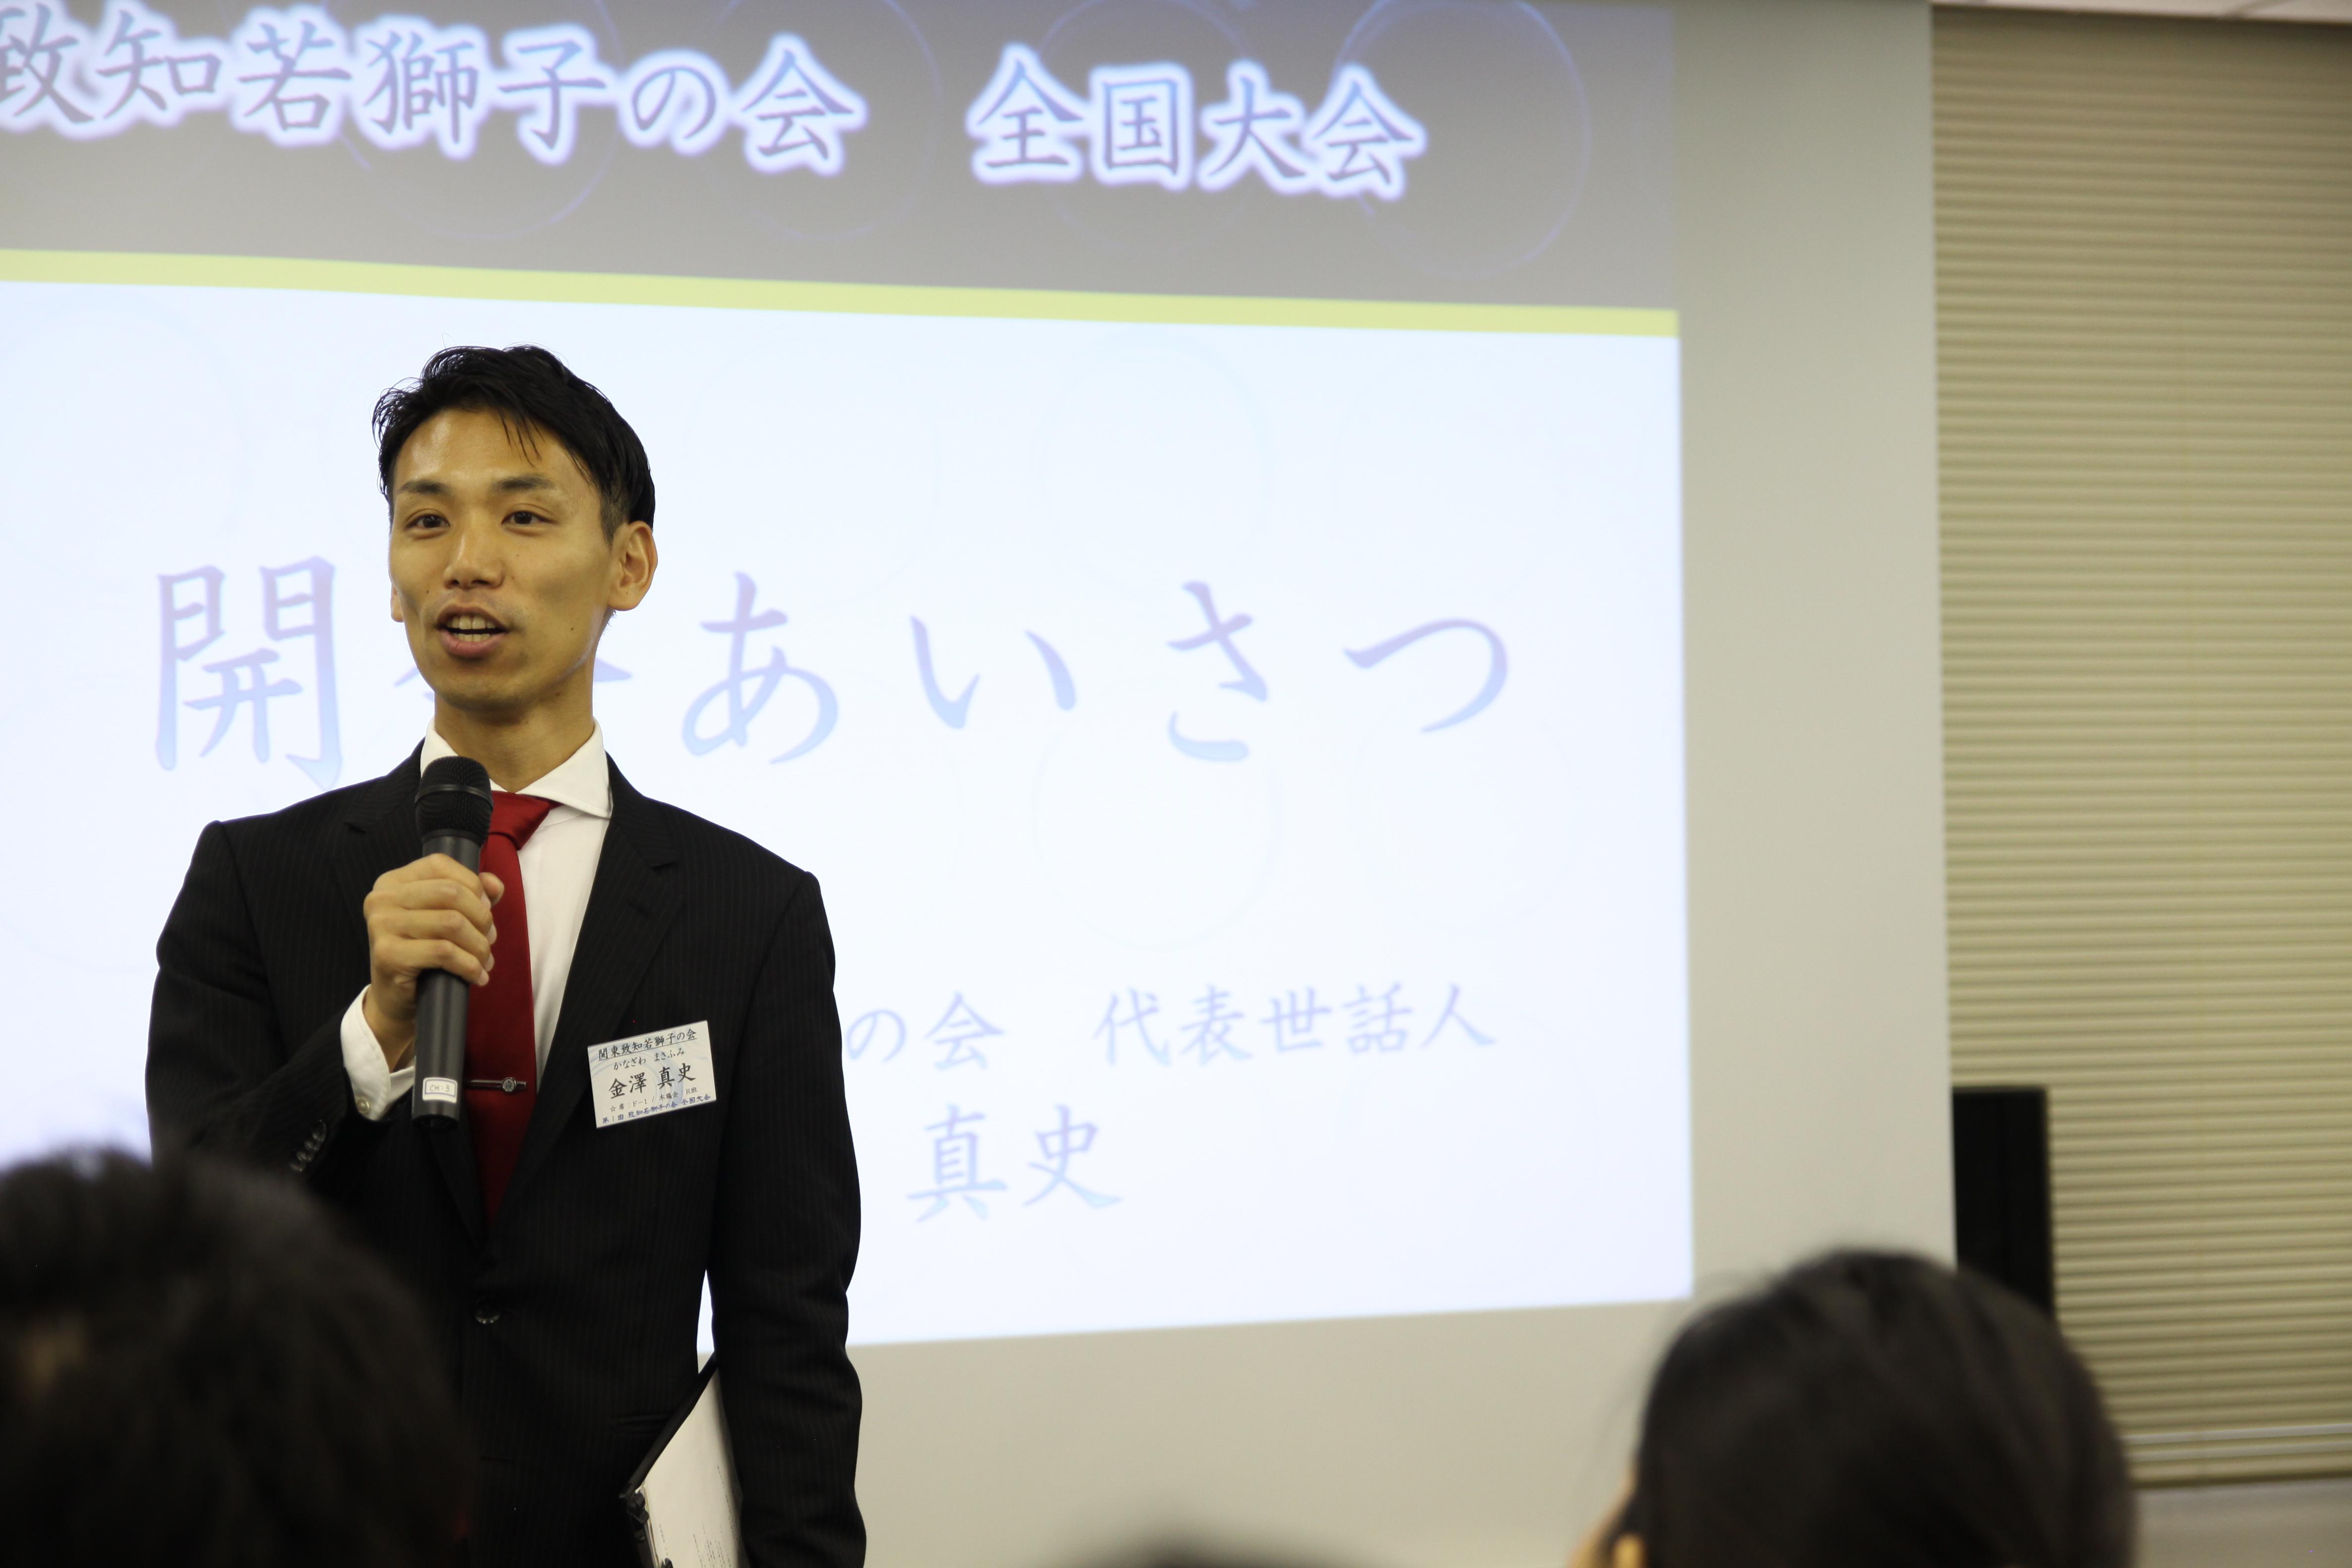 IMG 4558 - 関東若獅子の会、記念すべき第100回